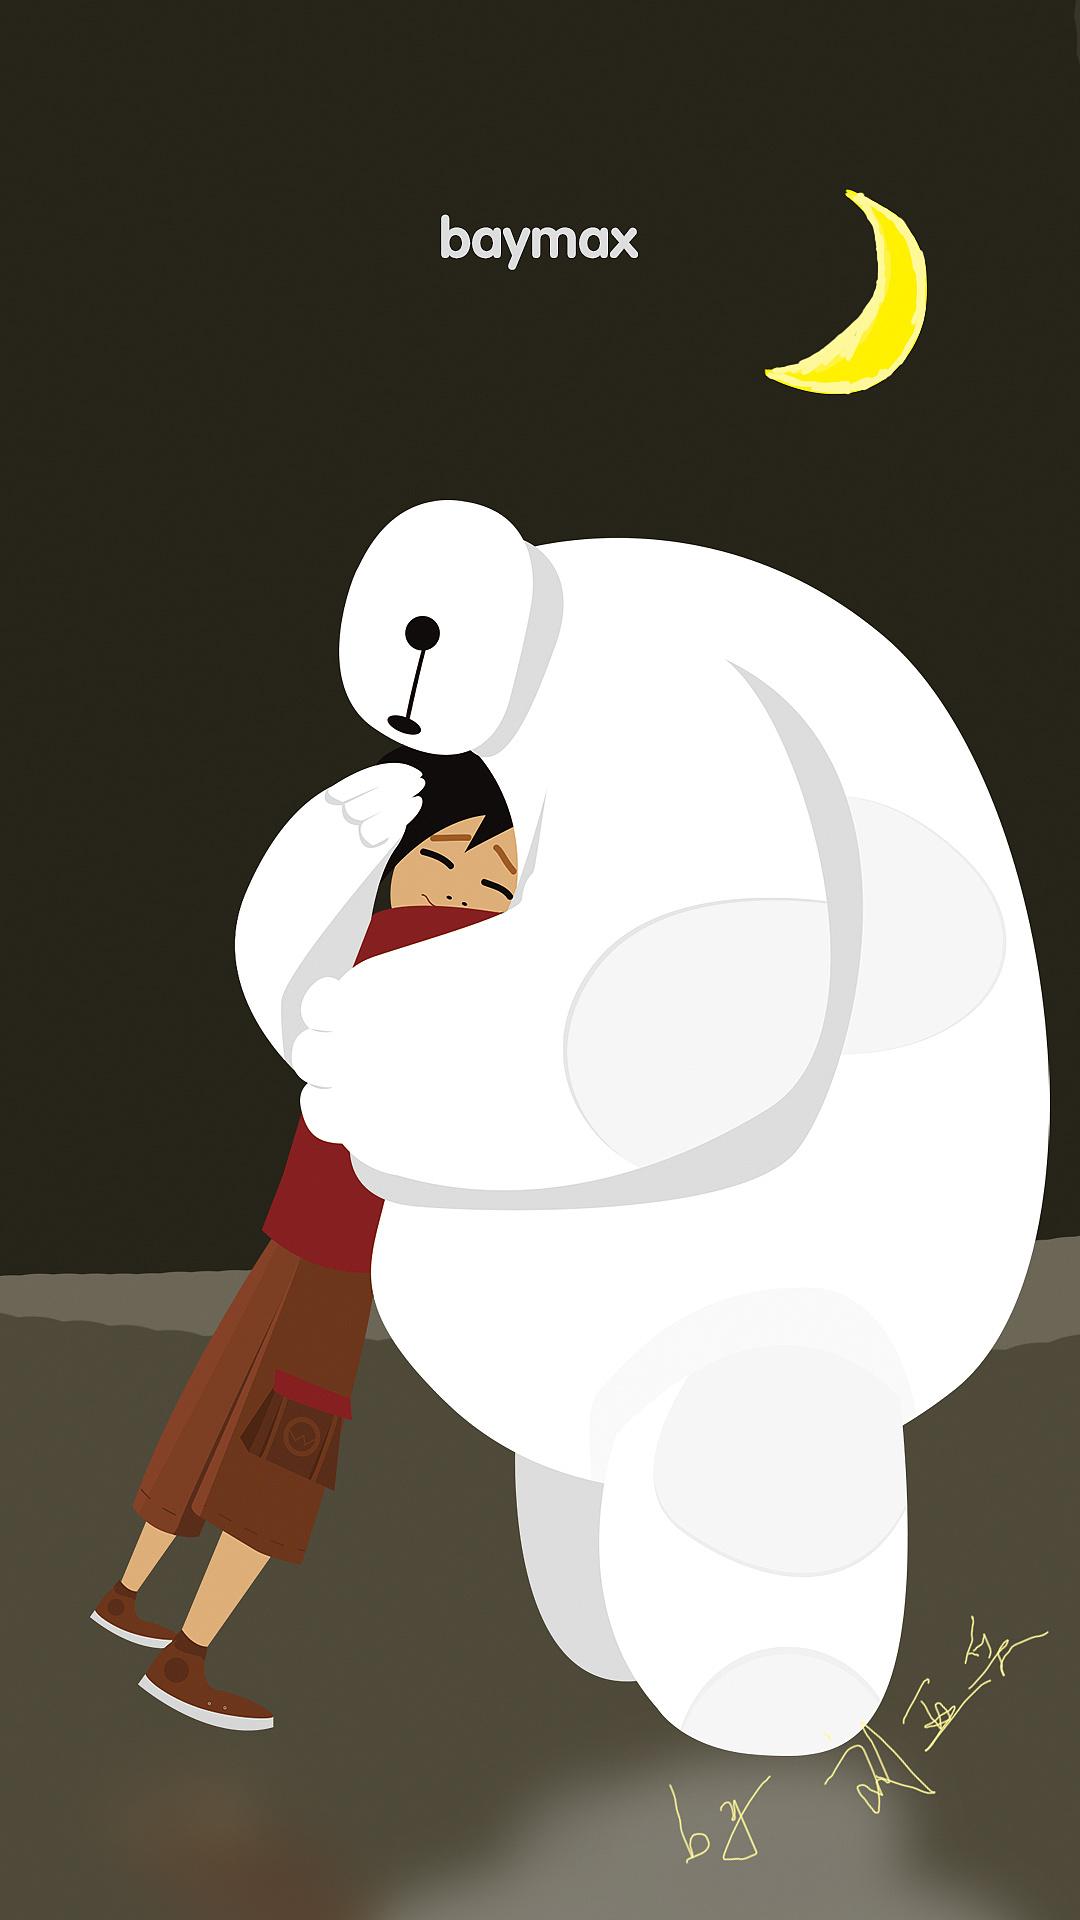 带我去月球_baymax 大白——自你走后,我便永远是个病人|动漫|单幅漫画|想去 ...